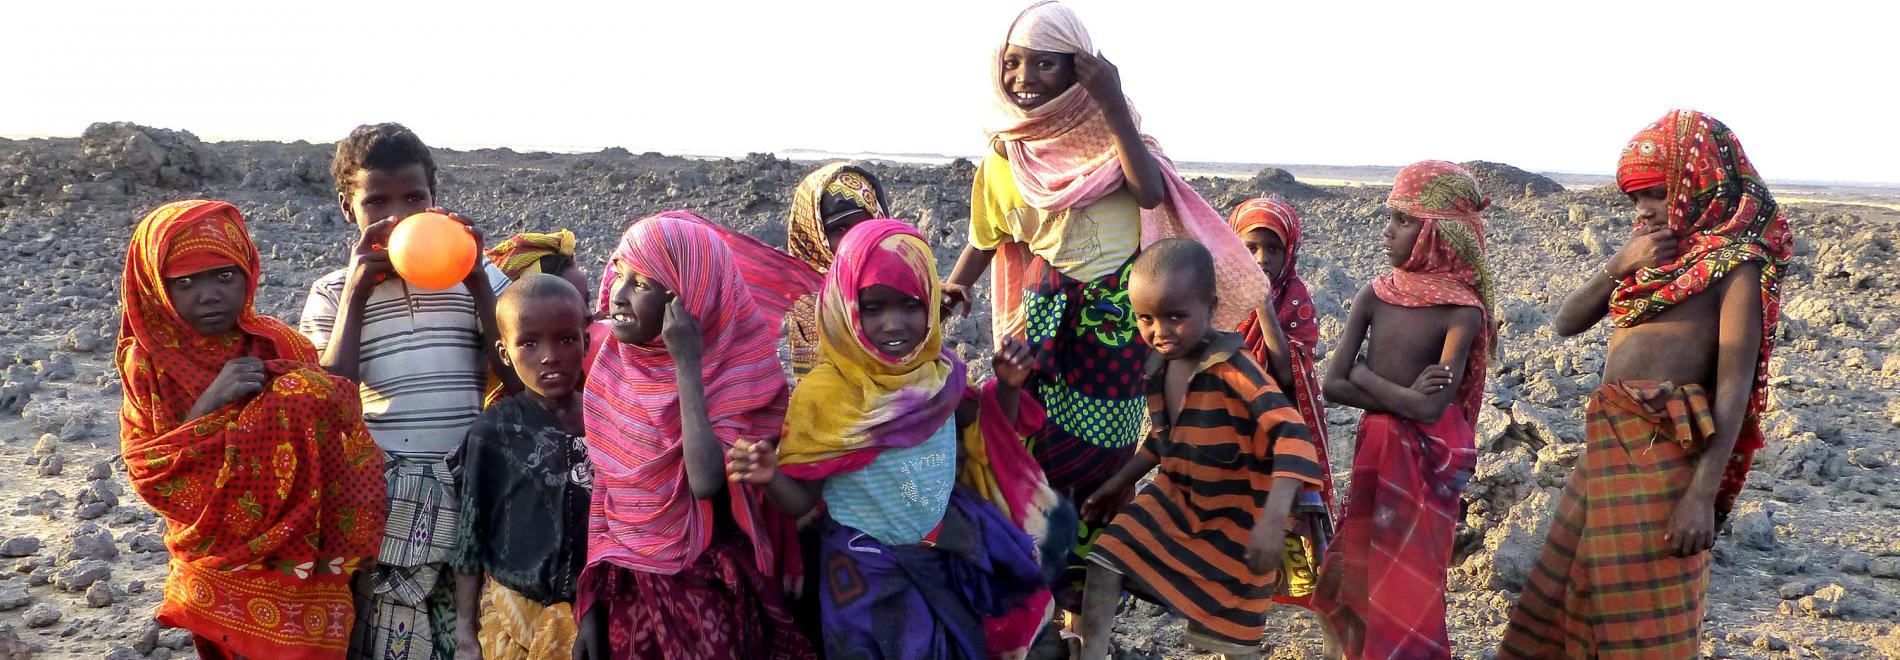 Bei den Afar sind über 90 Prozent der Mädchenbeschnitten. Das verursacht oft schwere gesundheitliche Probleme. Foto: Ärzte der Welt